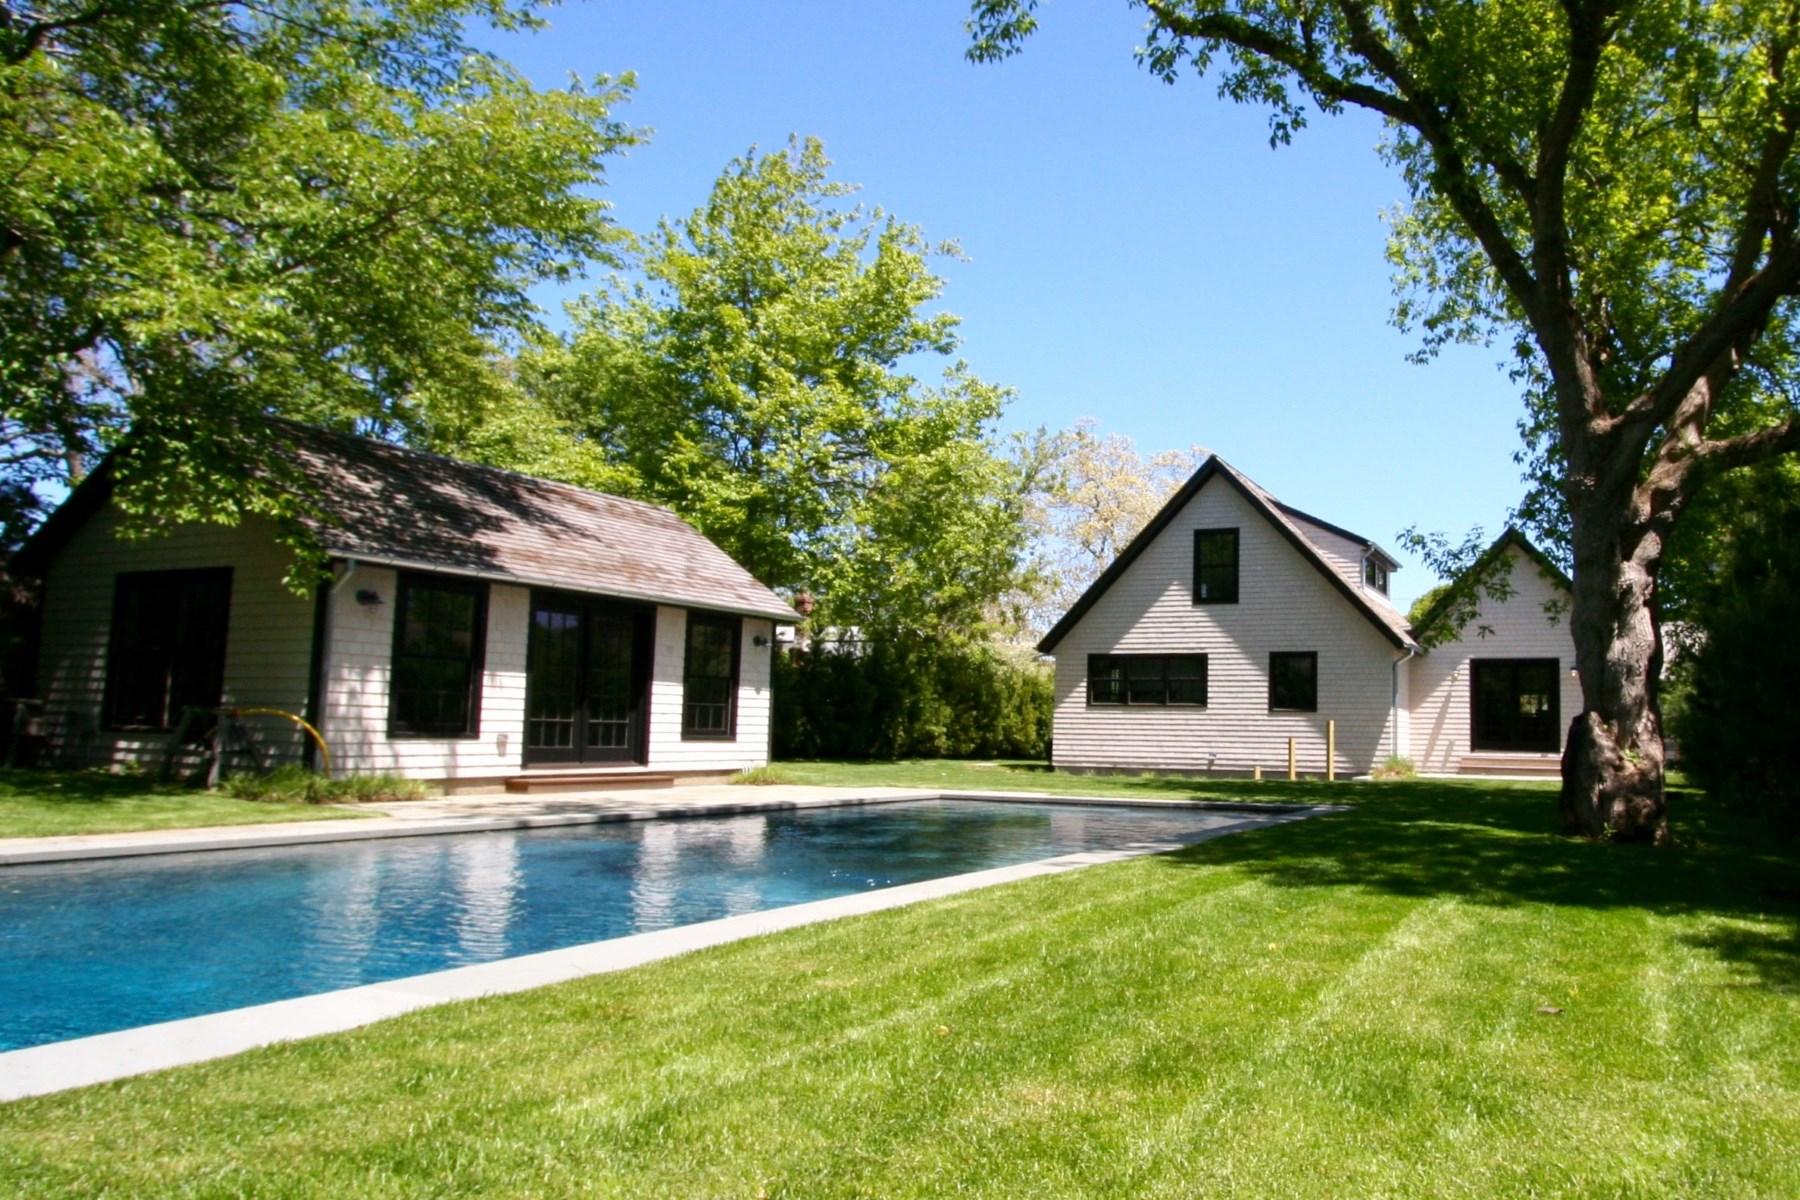 Single Family Home for Sale at Amagansett Beach House 18 Cross Highway Amagansett, New York 11937 United States